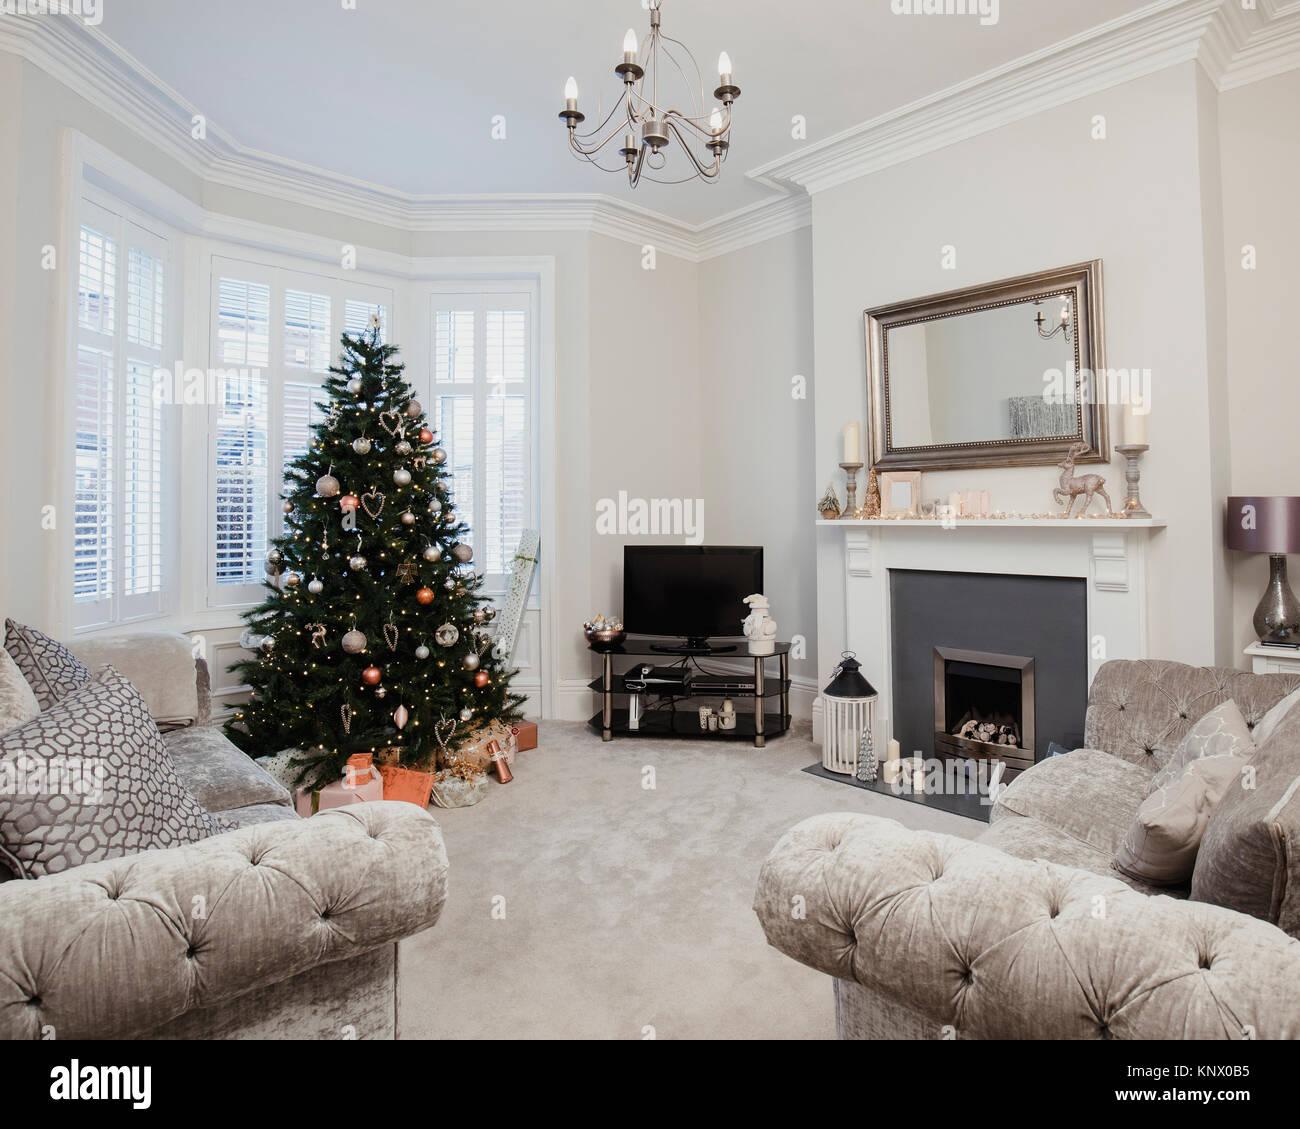 Living Room Christmas Stock Photos & Living Room Christmas Stock ...